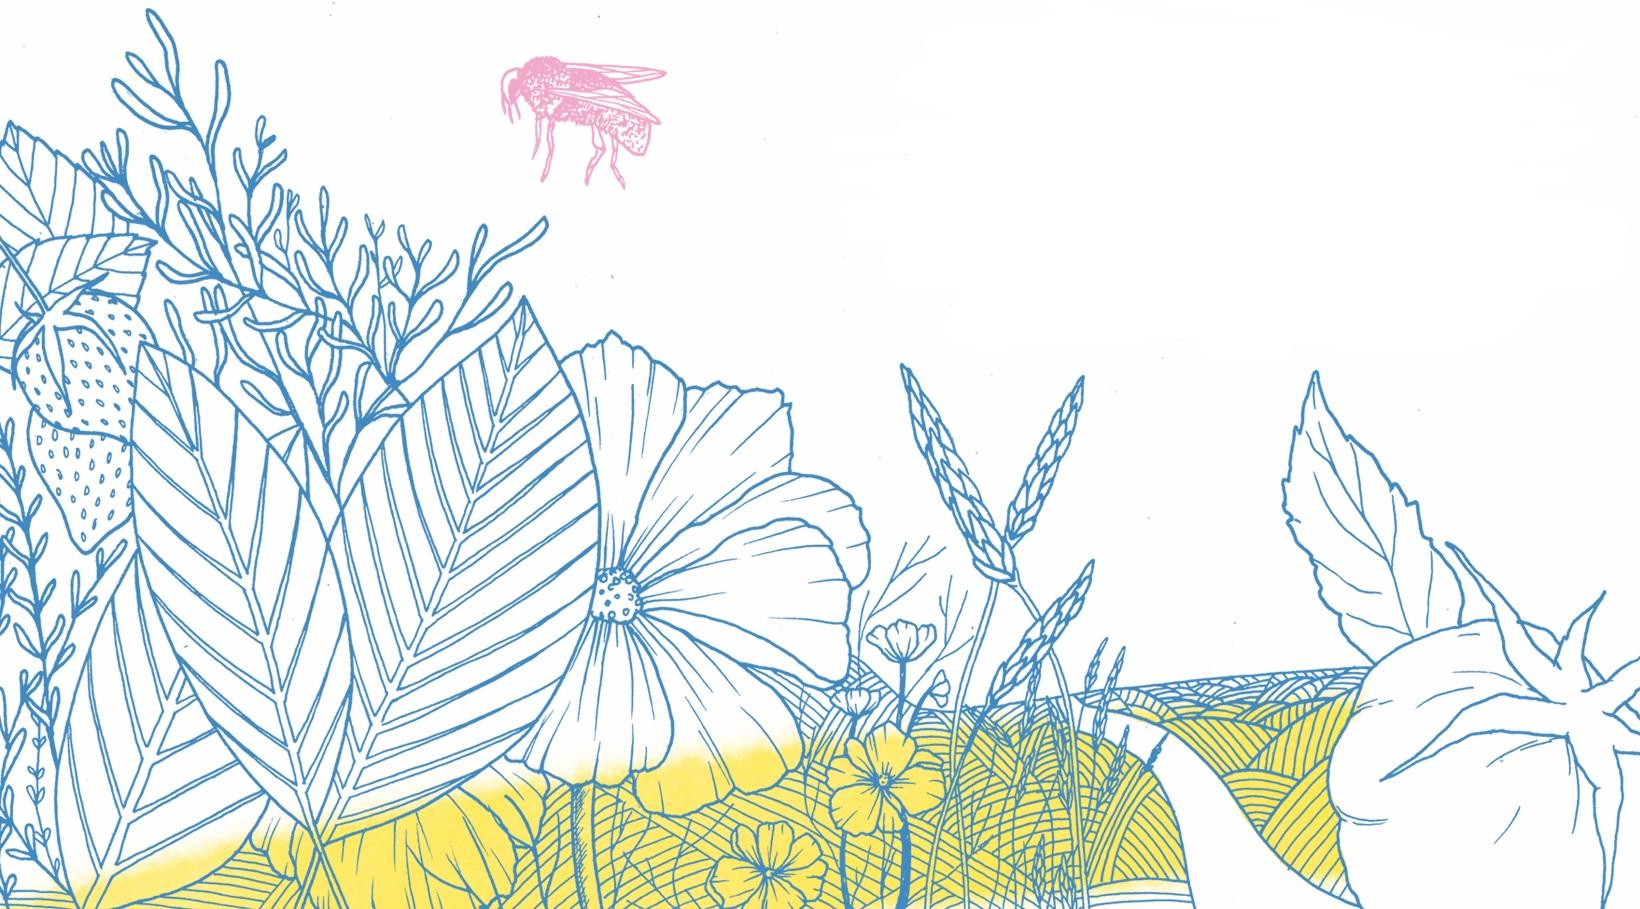 Illustration des Mercredis agro, une série d'ateliers et de films en plein air à thématiques agroalimentaires, conçus par Sara et présentée à l'été 2018 sur le Campus Mil de l'Université de Montréal, en collaboration avec la  Coop Bioma  et les partenaires du site.